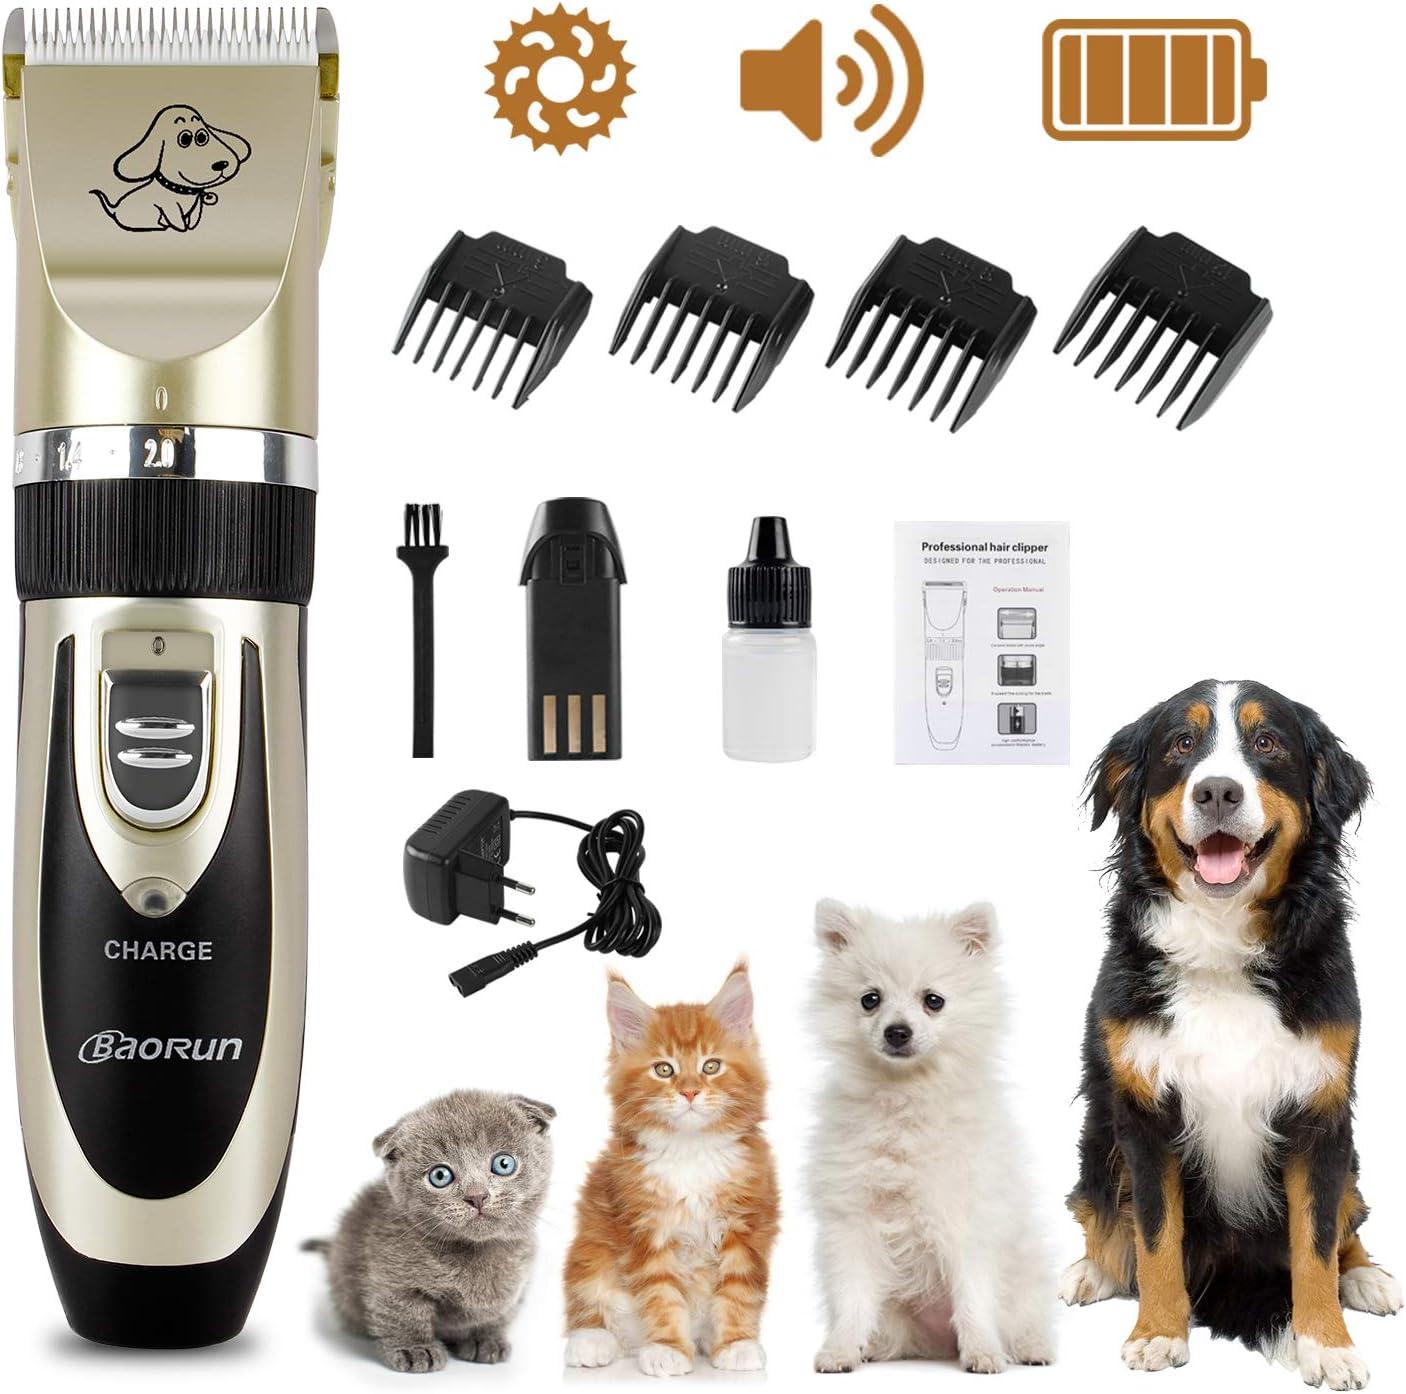 Leyee Tosatrice Elettrica per Animali Domestici Kit Ricaricabile per Rasatura Rasoio Cani Gatti a Basso Rumore Ricaricabile USB Animali Domestici 2